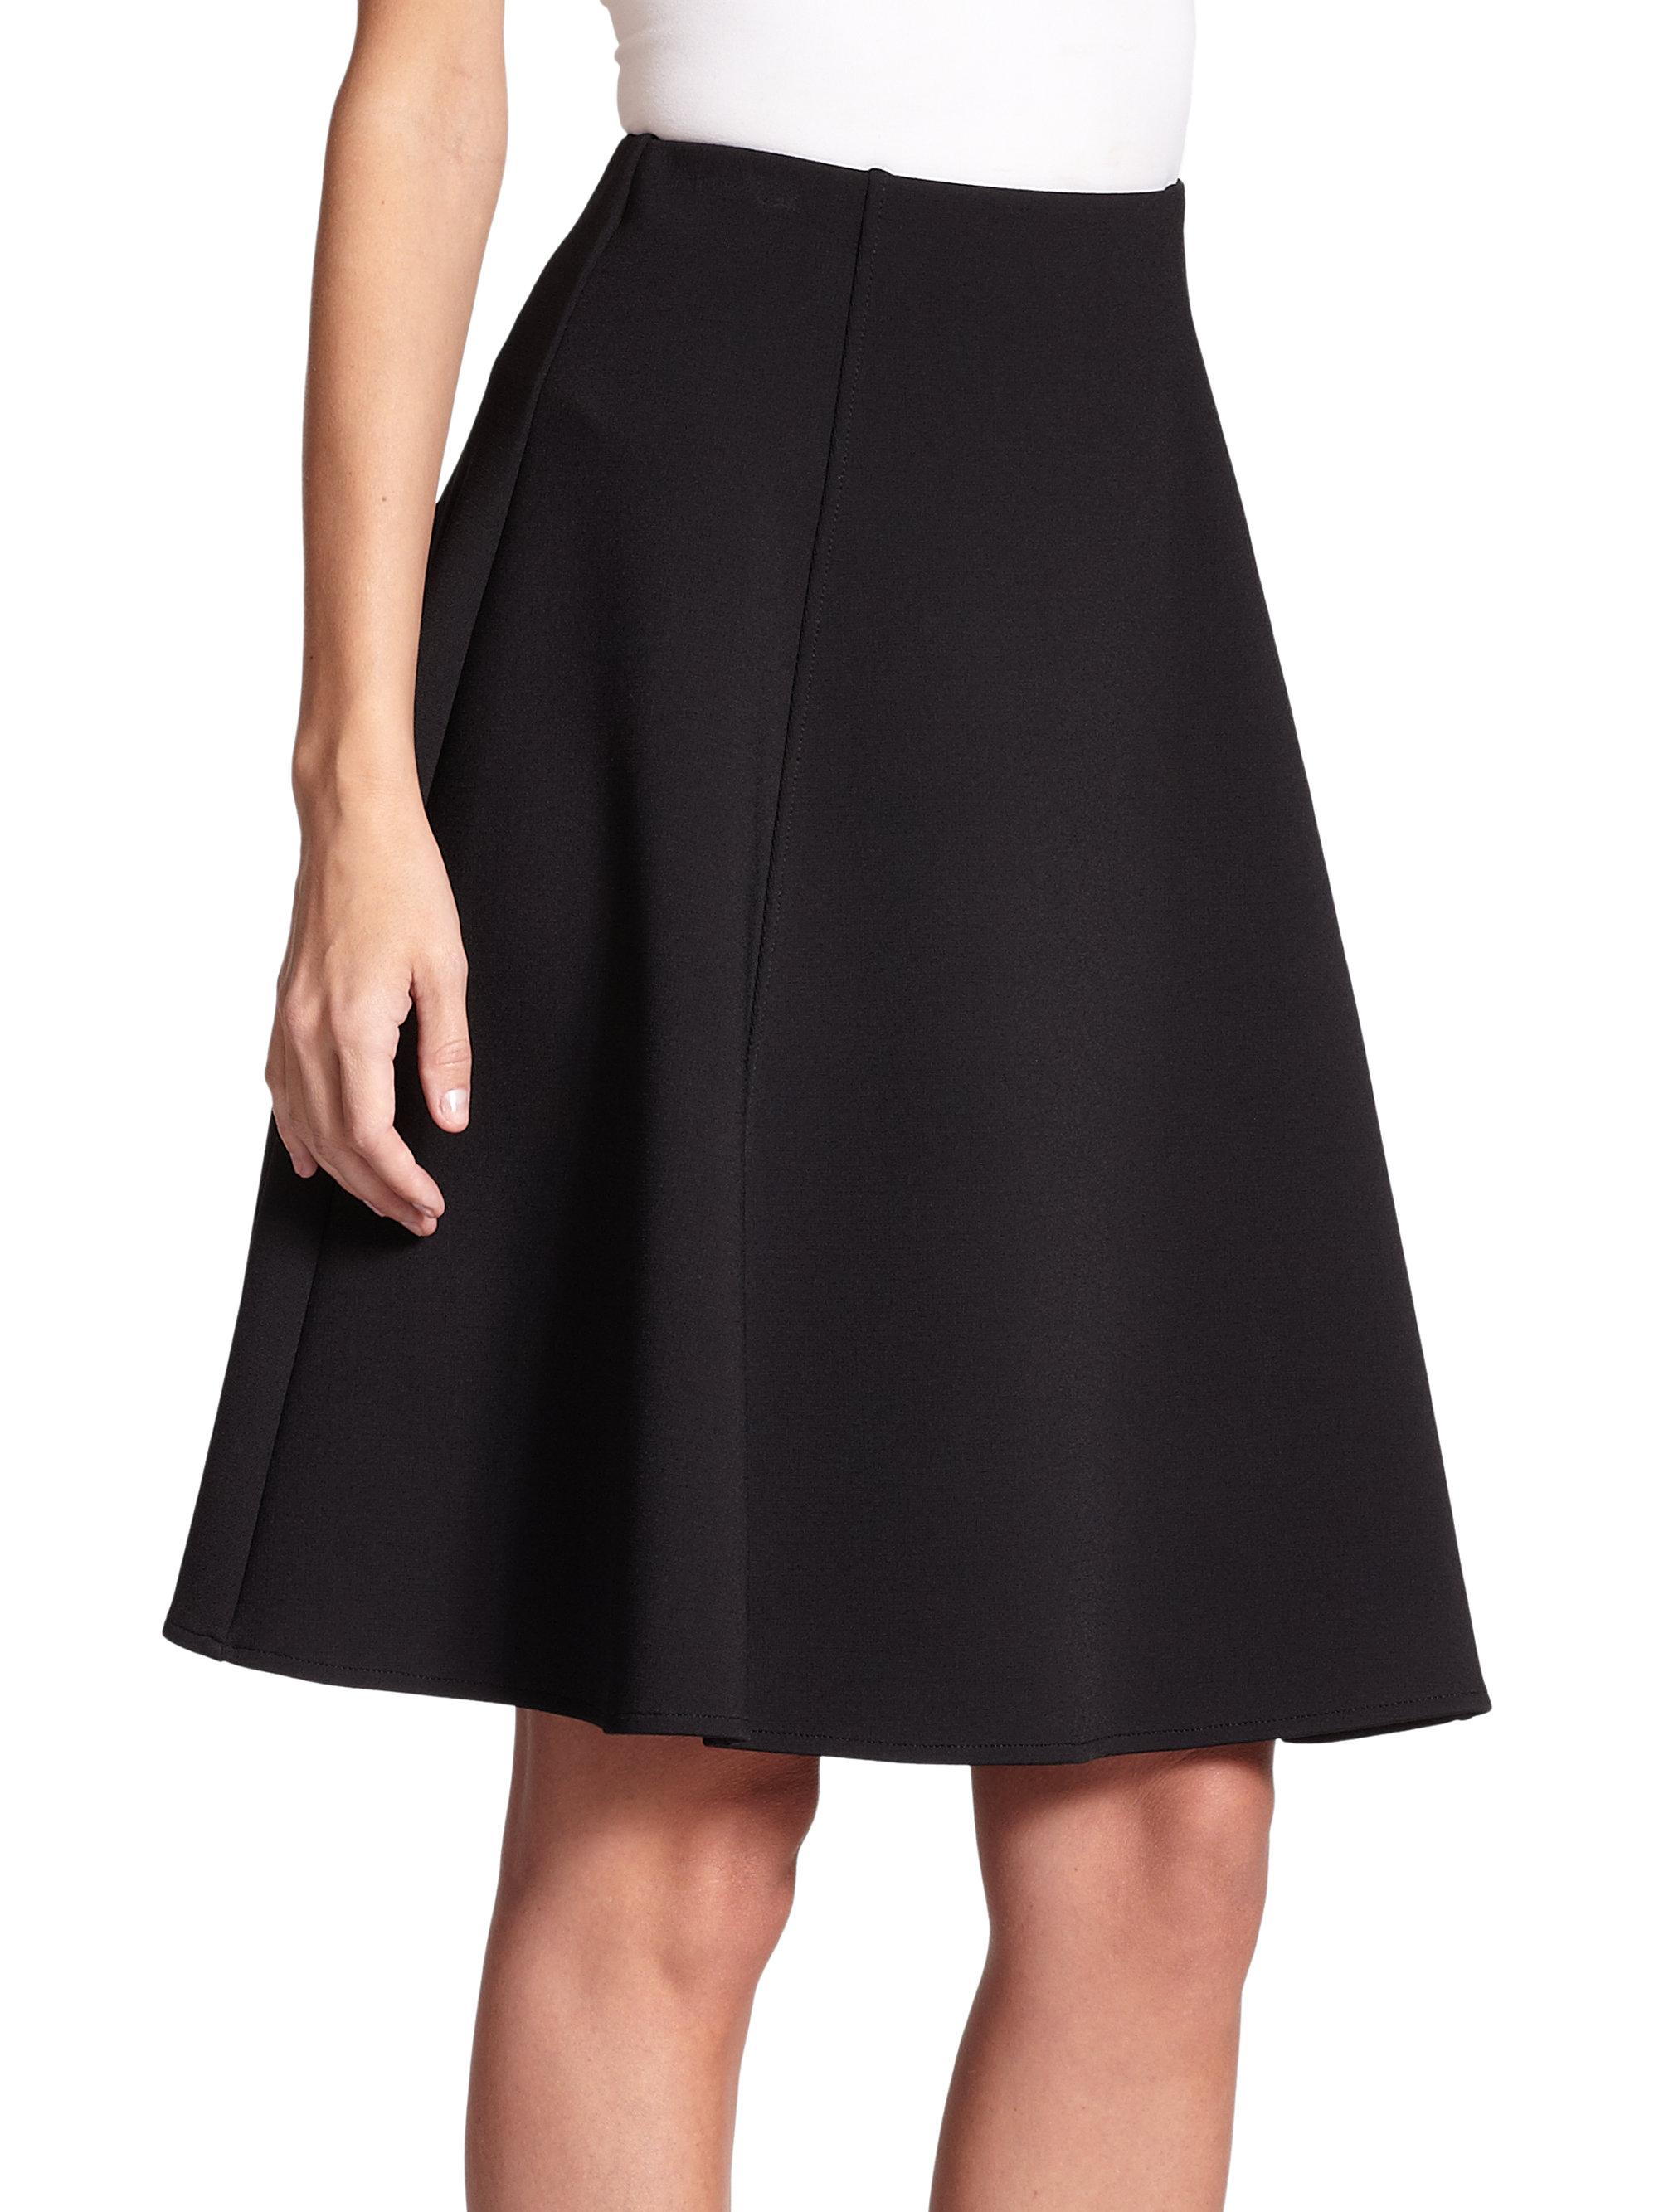 Black Knit Skirt 57